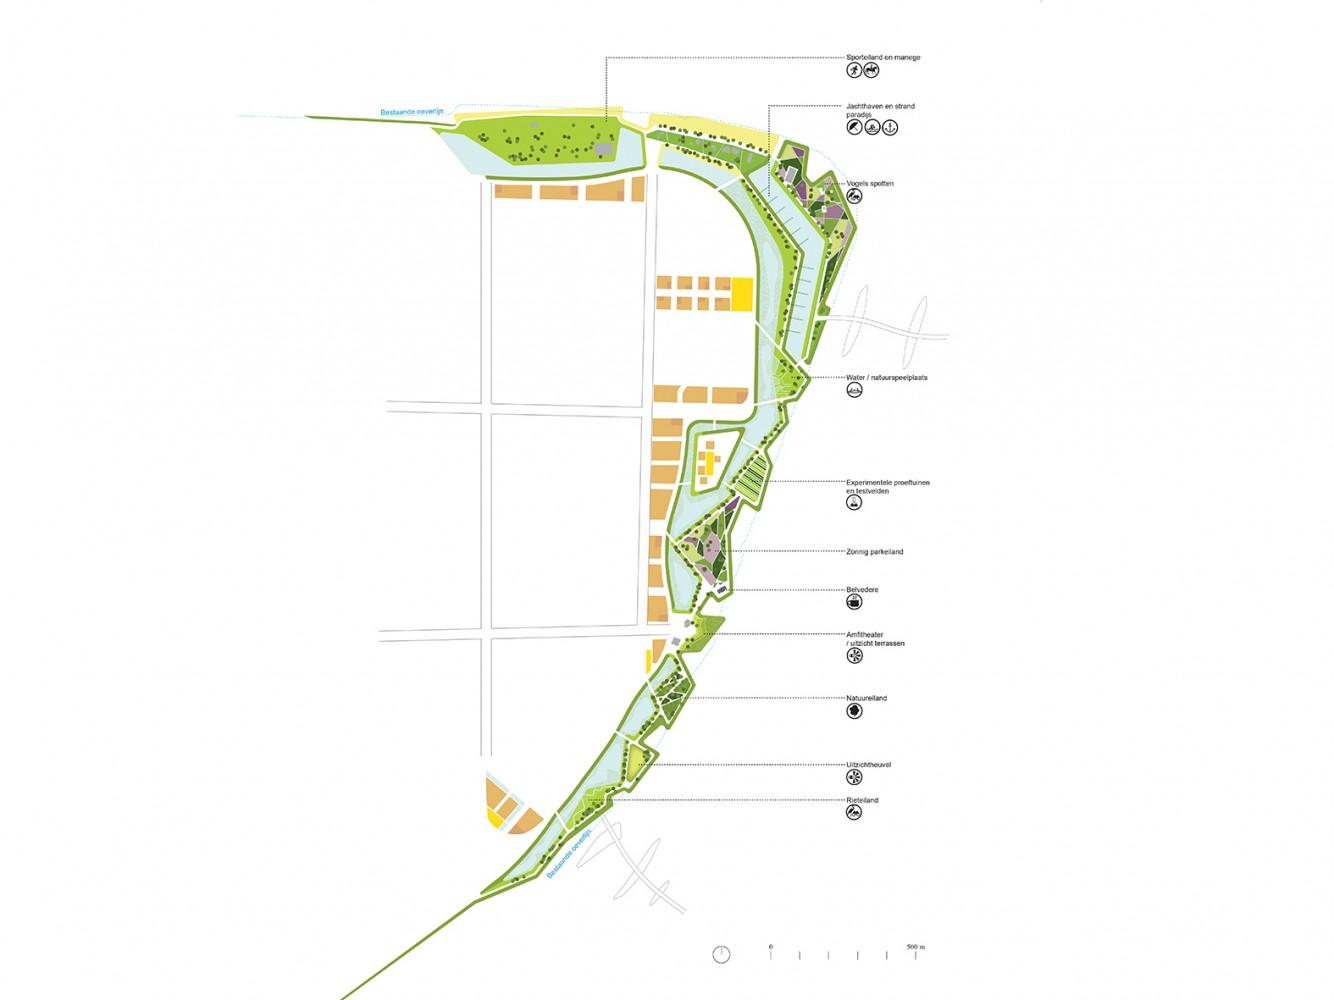 buro-sant-en-co-landschapsarchitectuur-linkeroever-antwerpen-masterplan